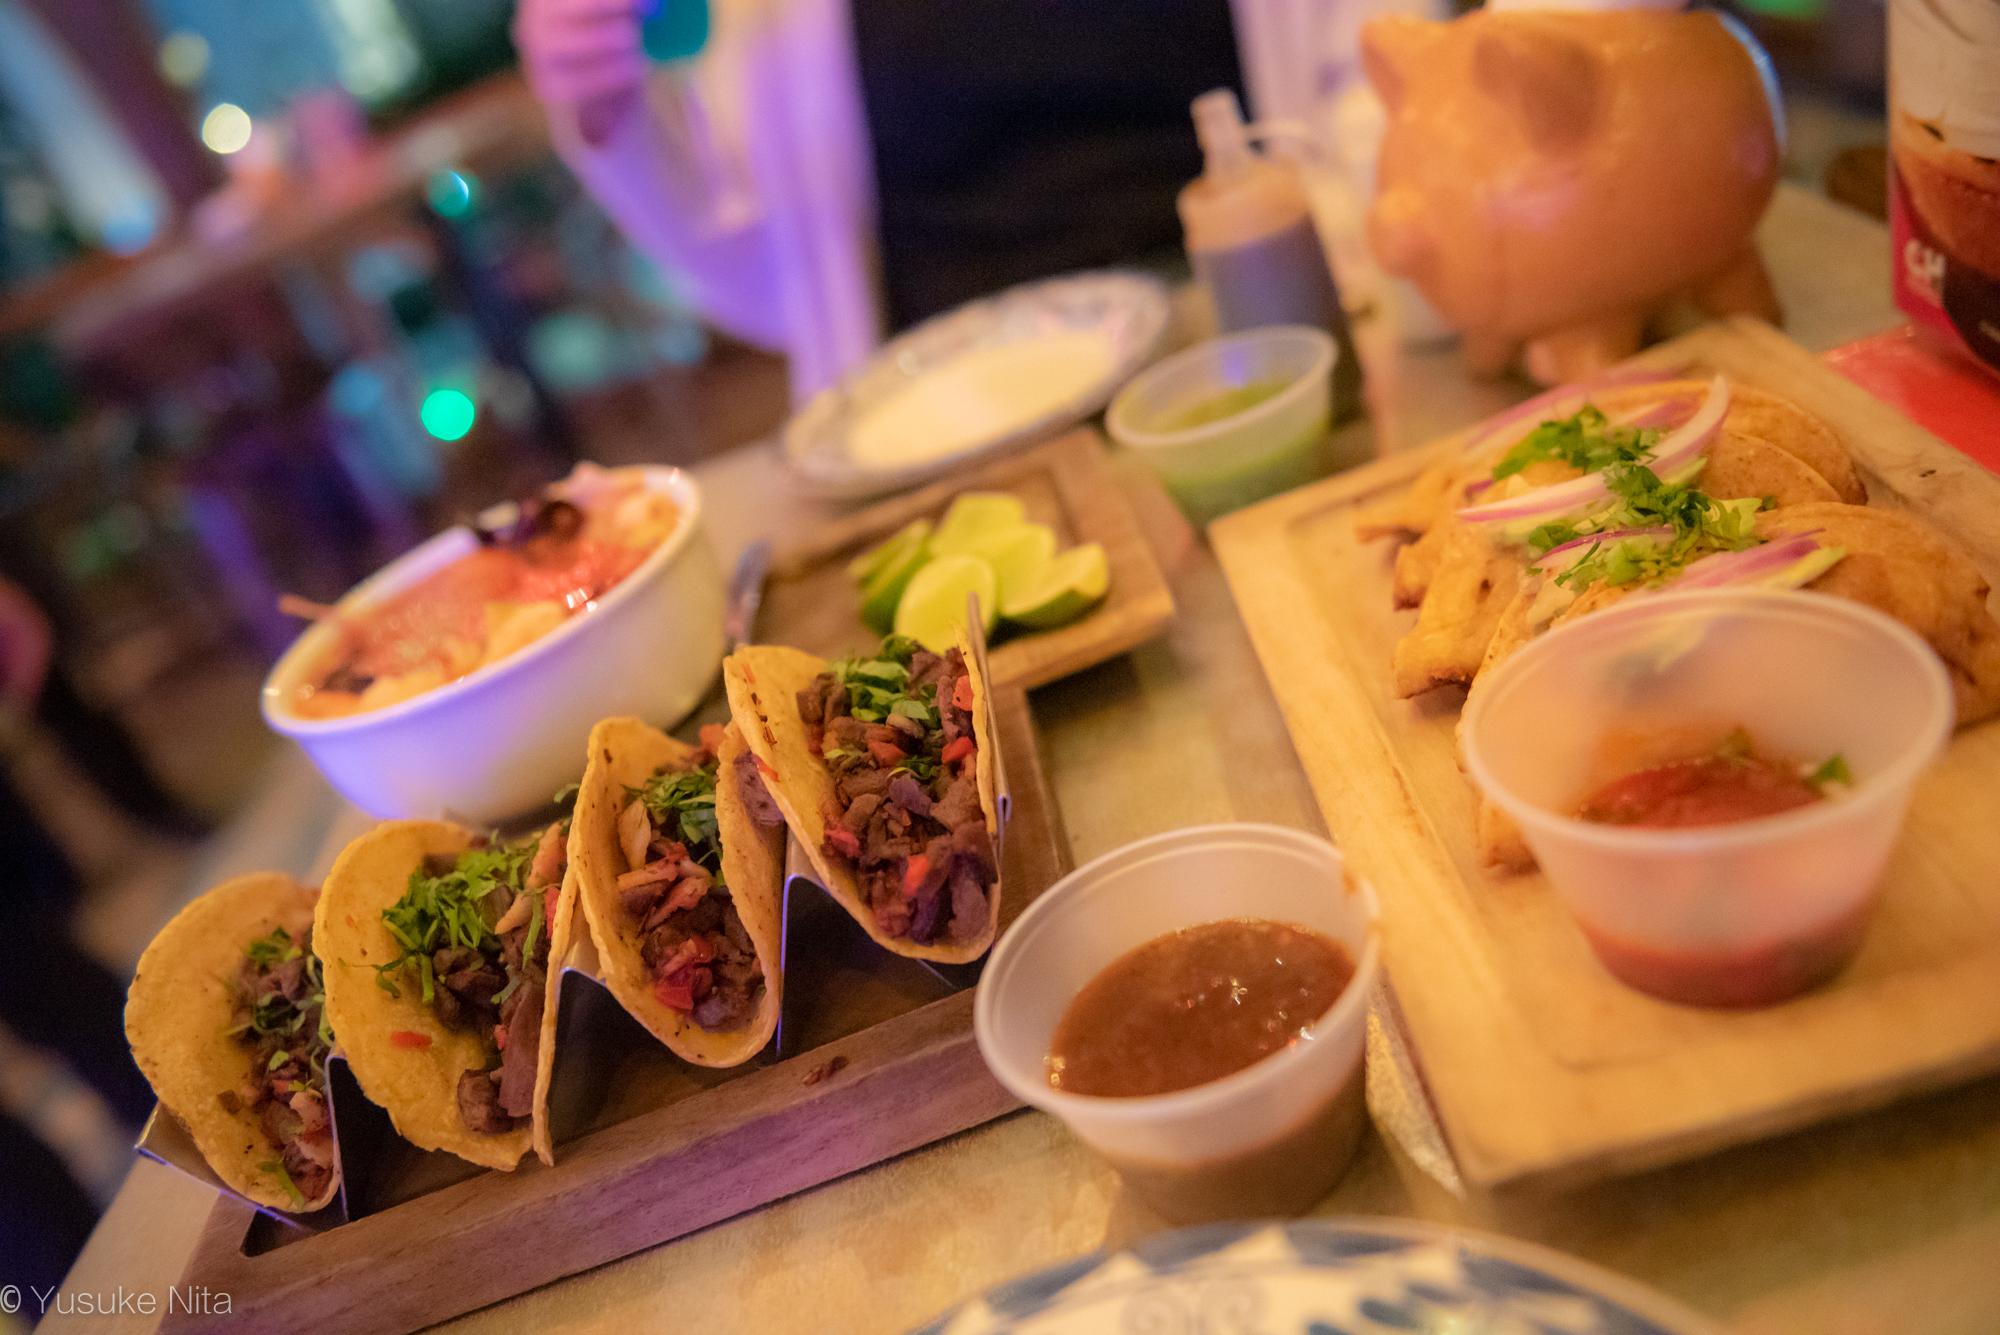 カンクン初日のディナーはCHUCITO PEREZでメキシカンを堪能!